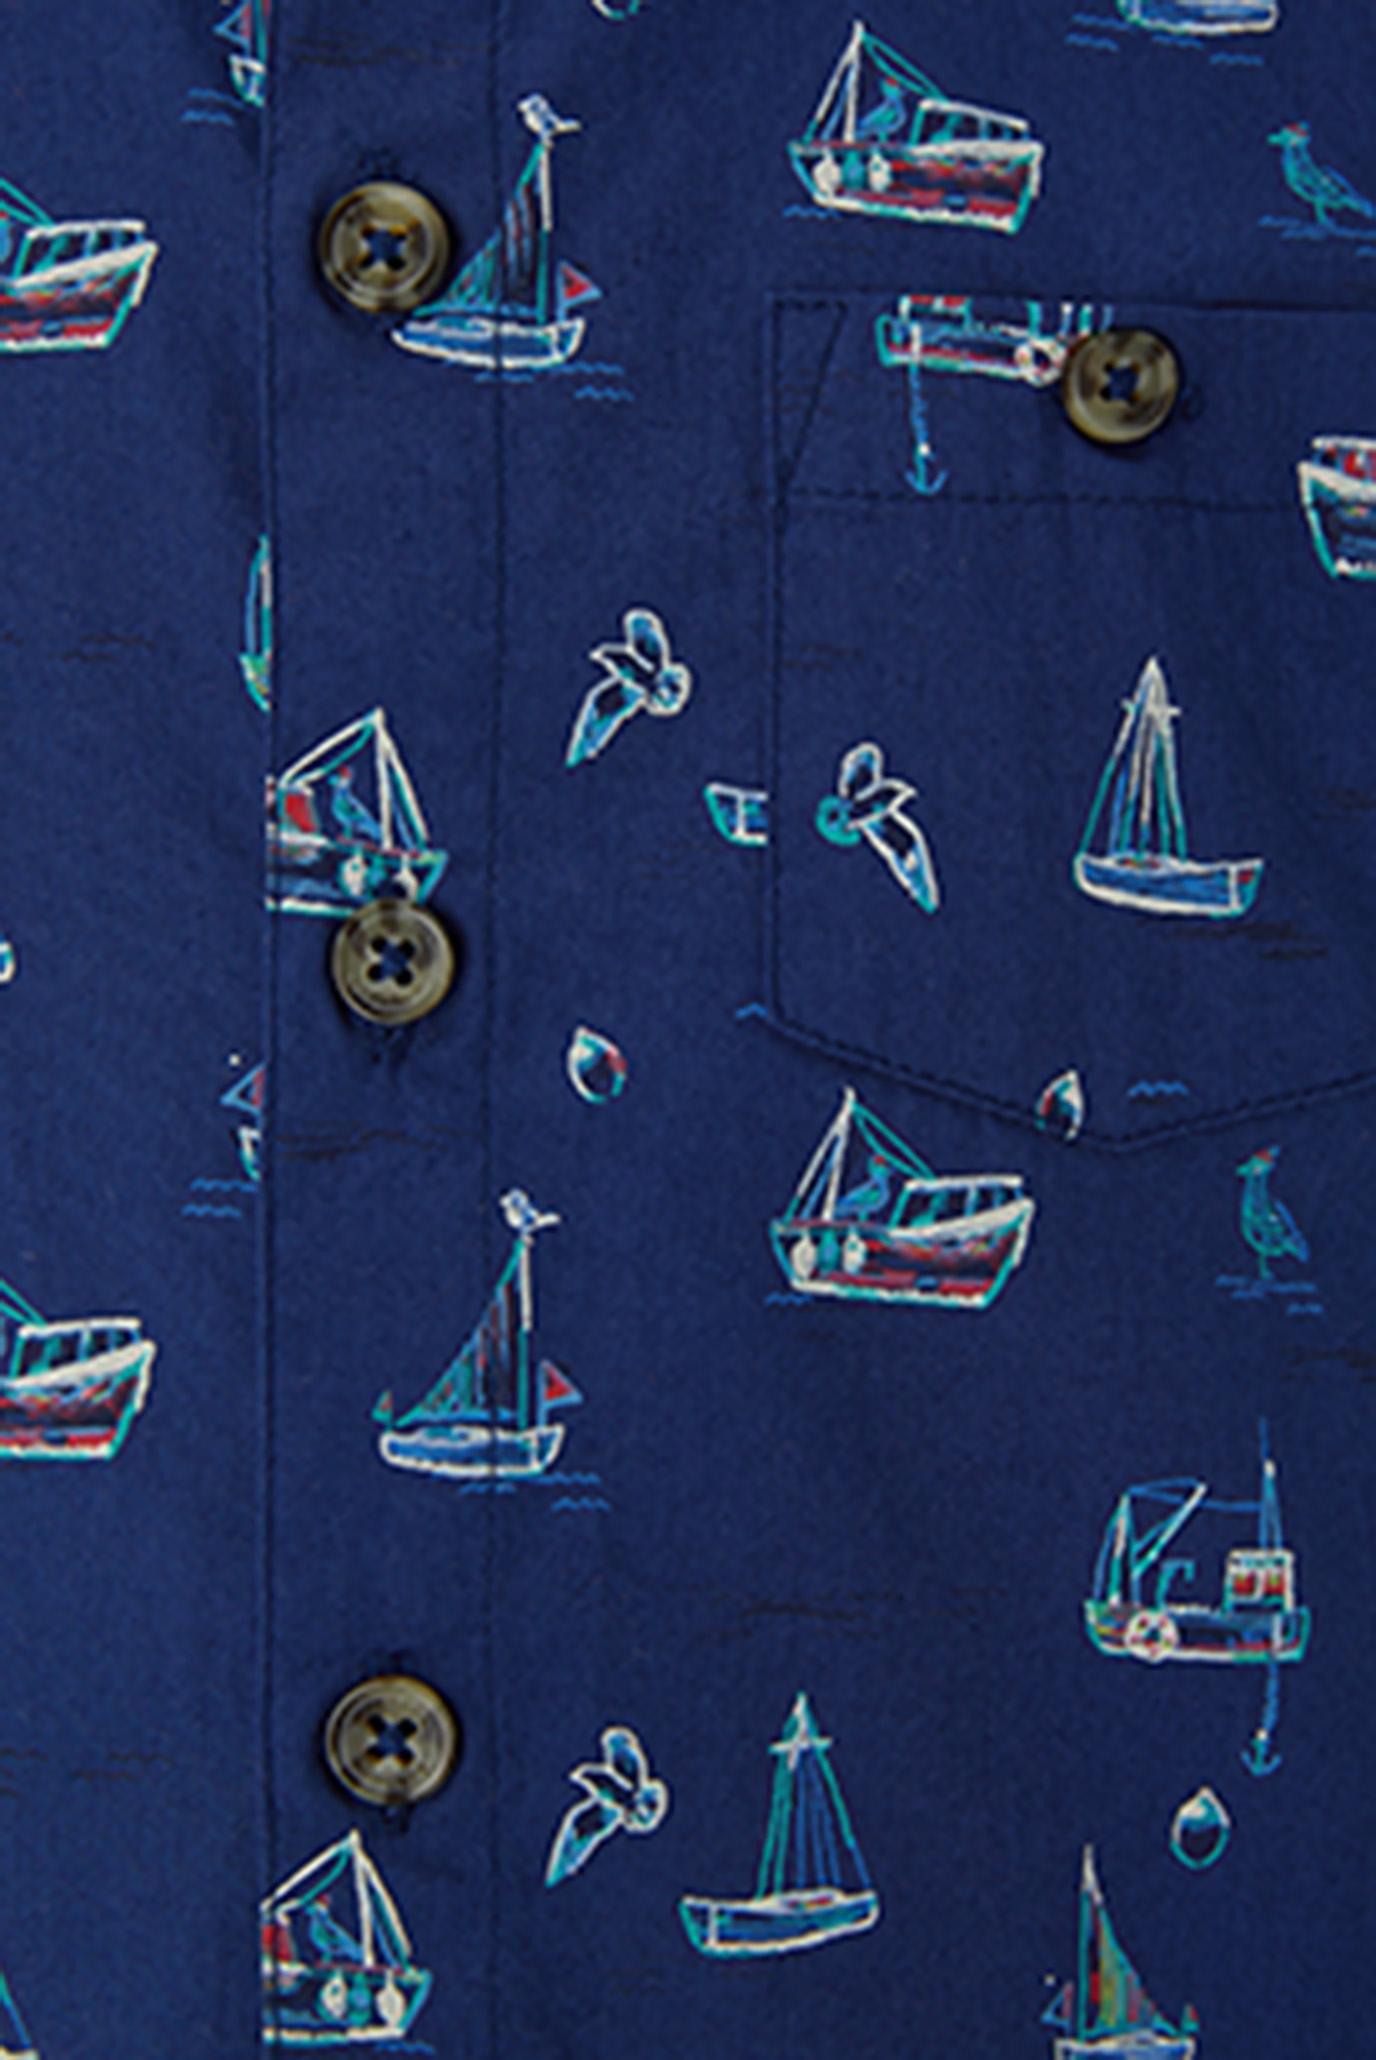 Купить Детская темно-синяя рубашка Stanley Shirt Monsoon Children Monsoon Children 616230 – Киев, Украина. Цены в интернет магазине MD Fashion